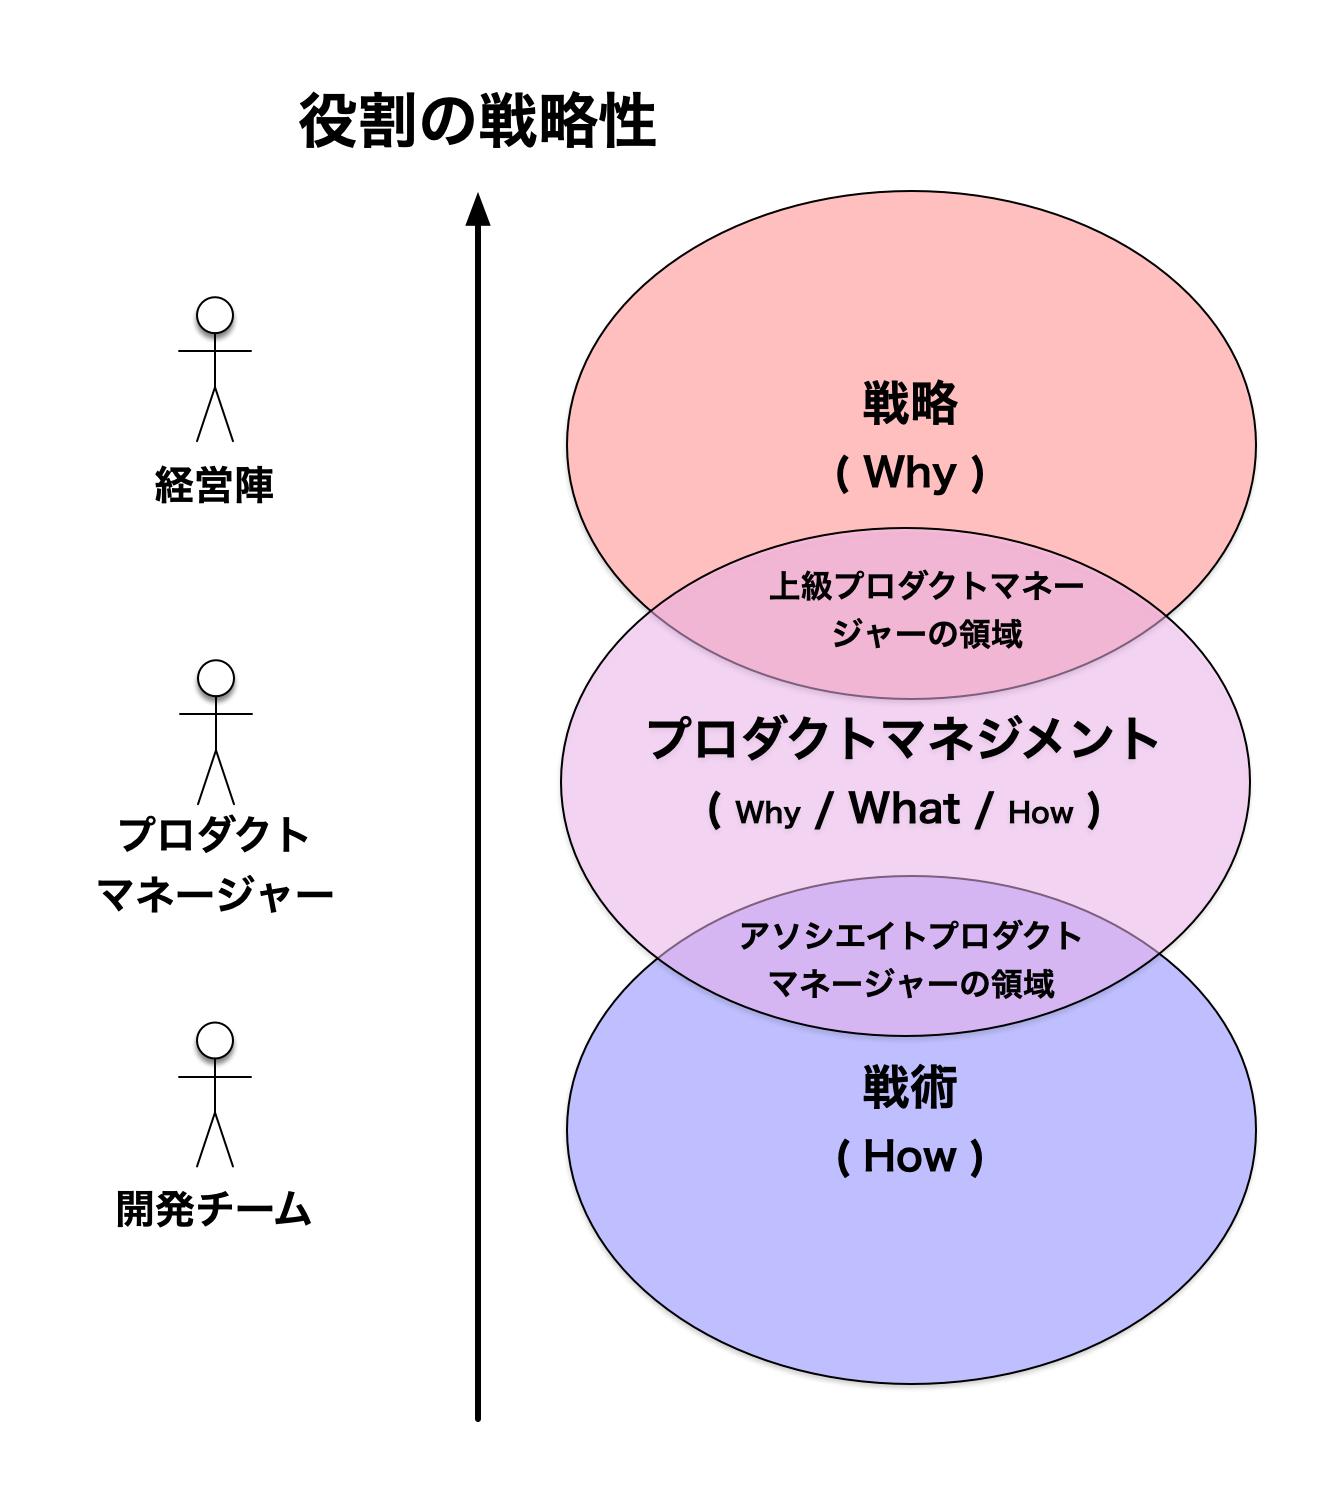 役割の戦略性 - プロダクトマネージャーの役割分担